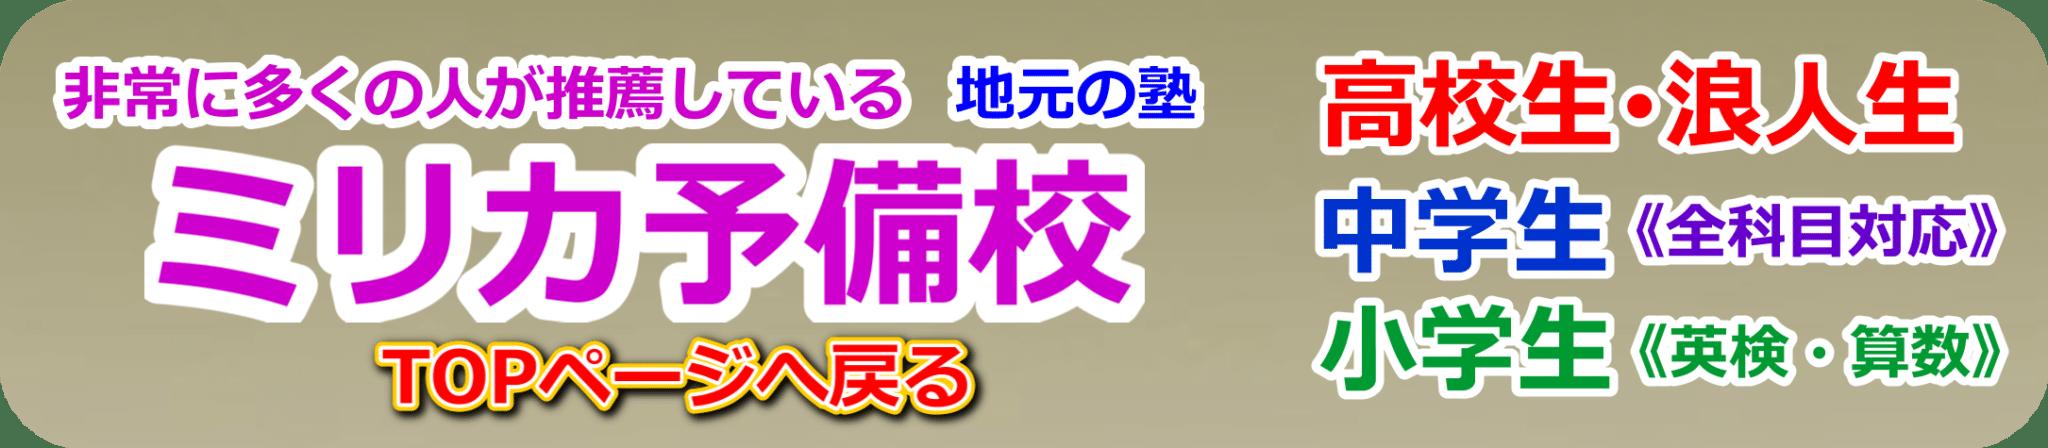 大阪・京都・兵庫・滋賀・茨木・高槻・吹田のおすすめの予備校・学習塾・ミリカ予備校